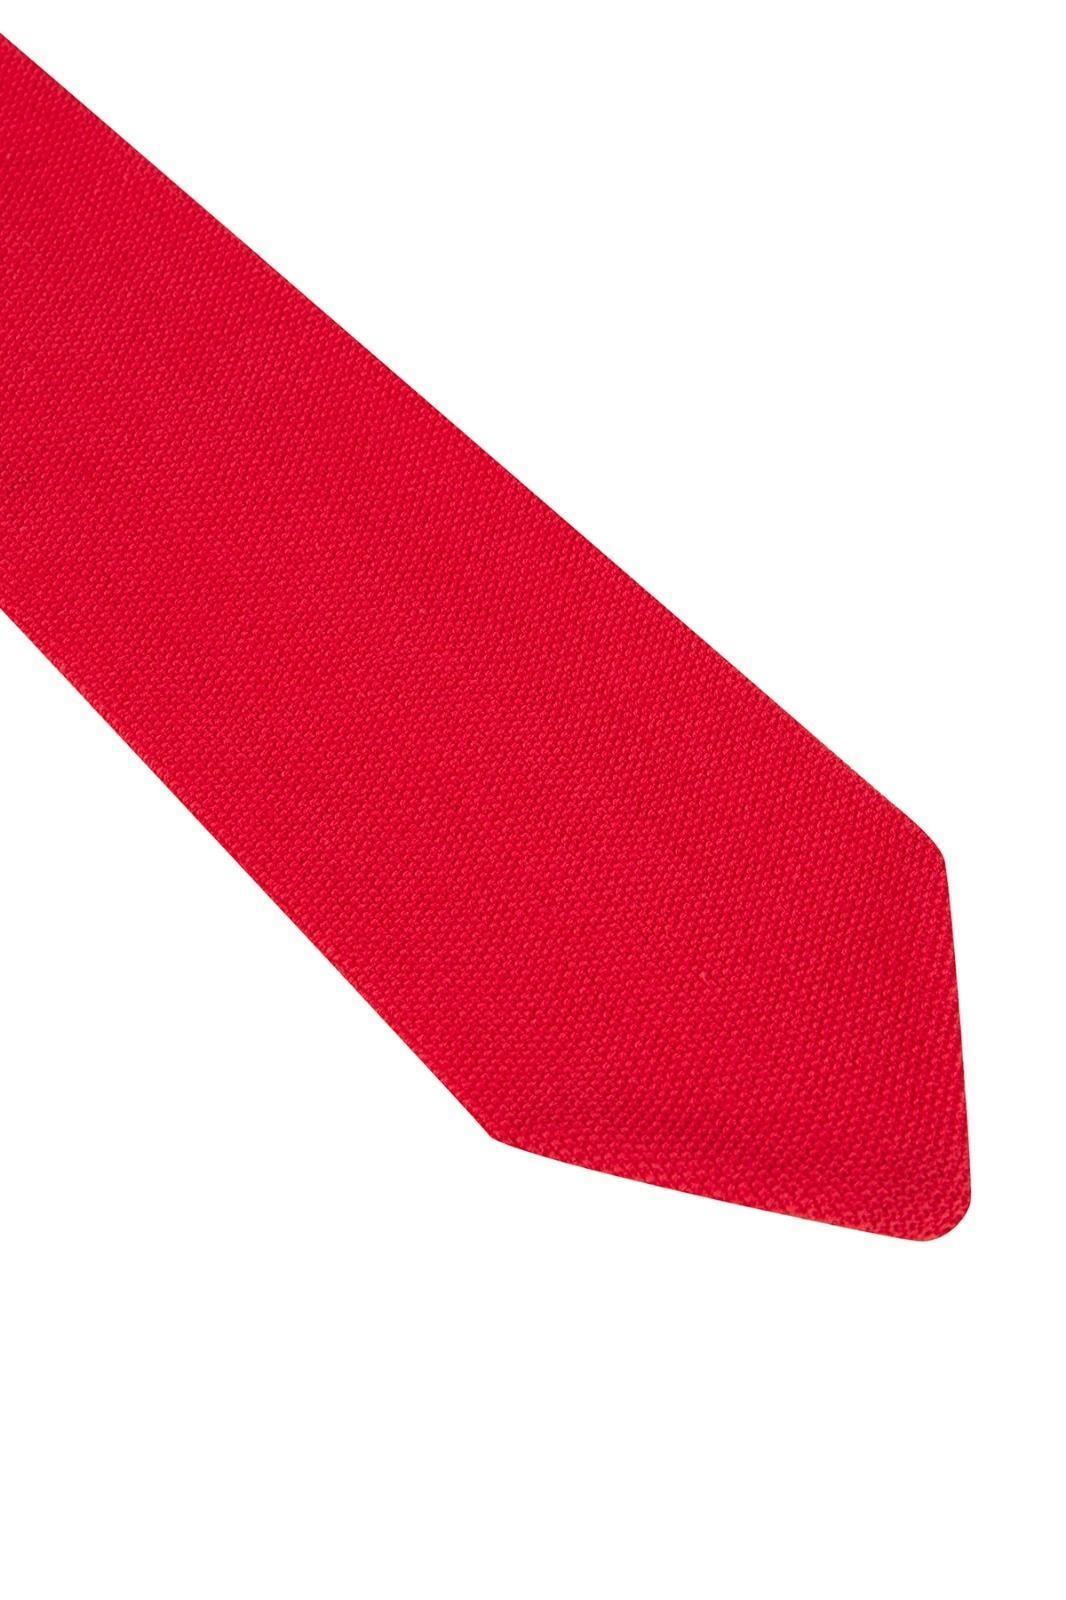 Pike Örgü Kırmızı Triko Kravat